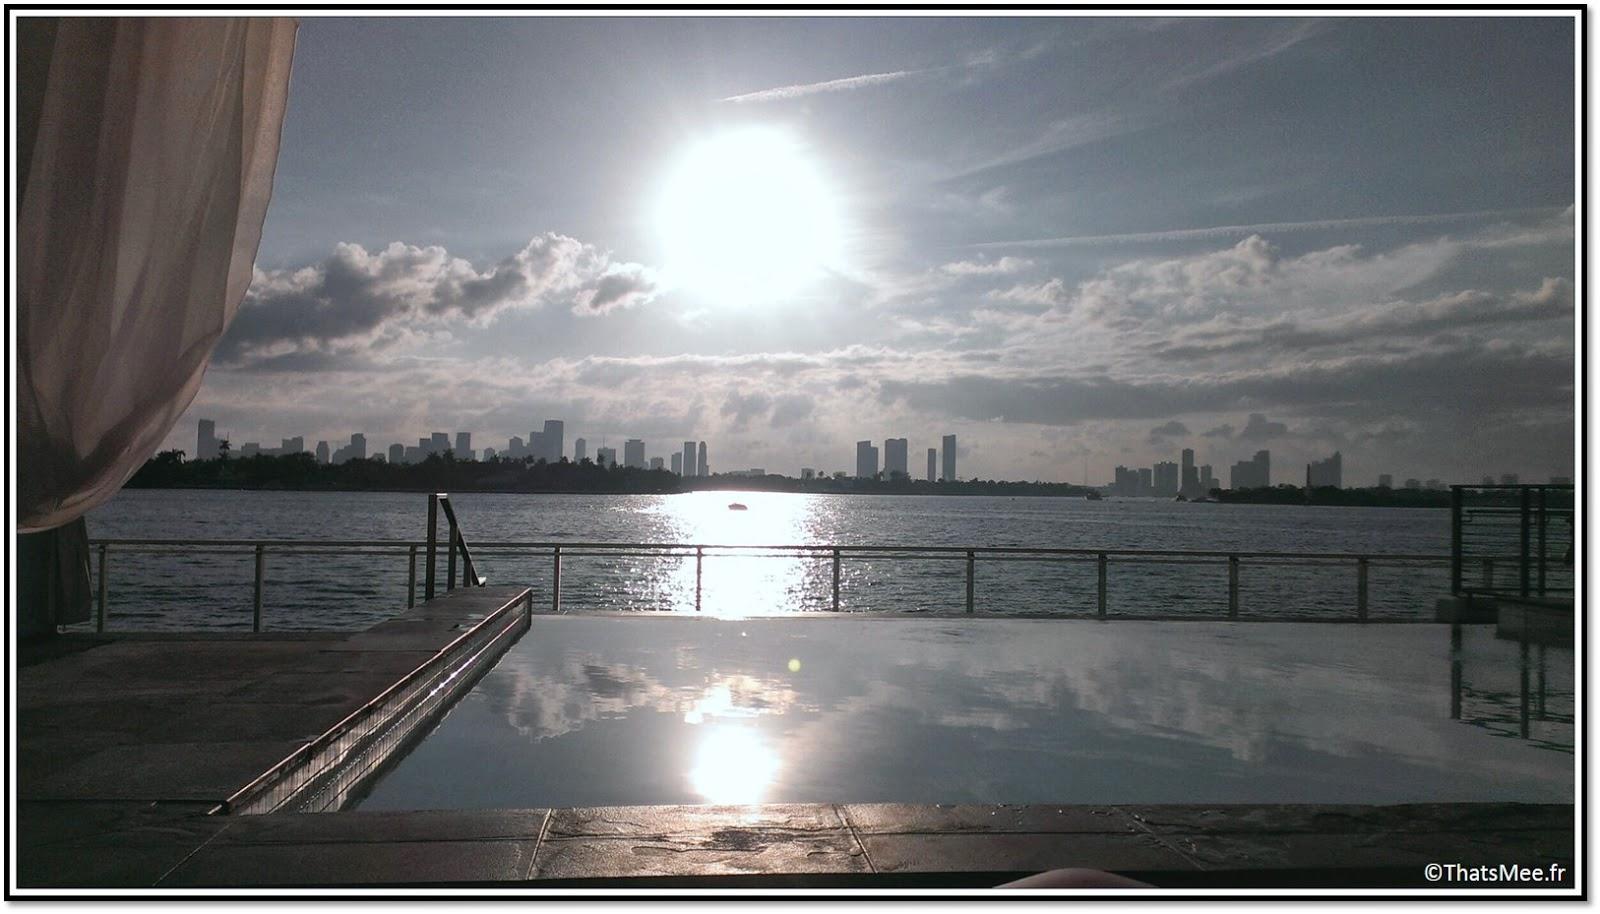 Miami South Beach Hotel Mondrian piscine  1100W avenue